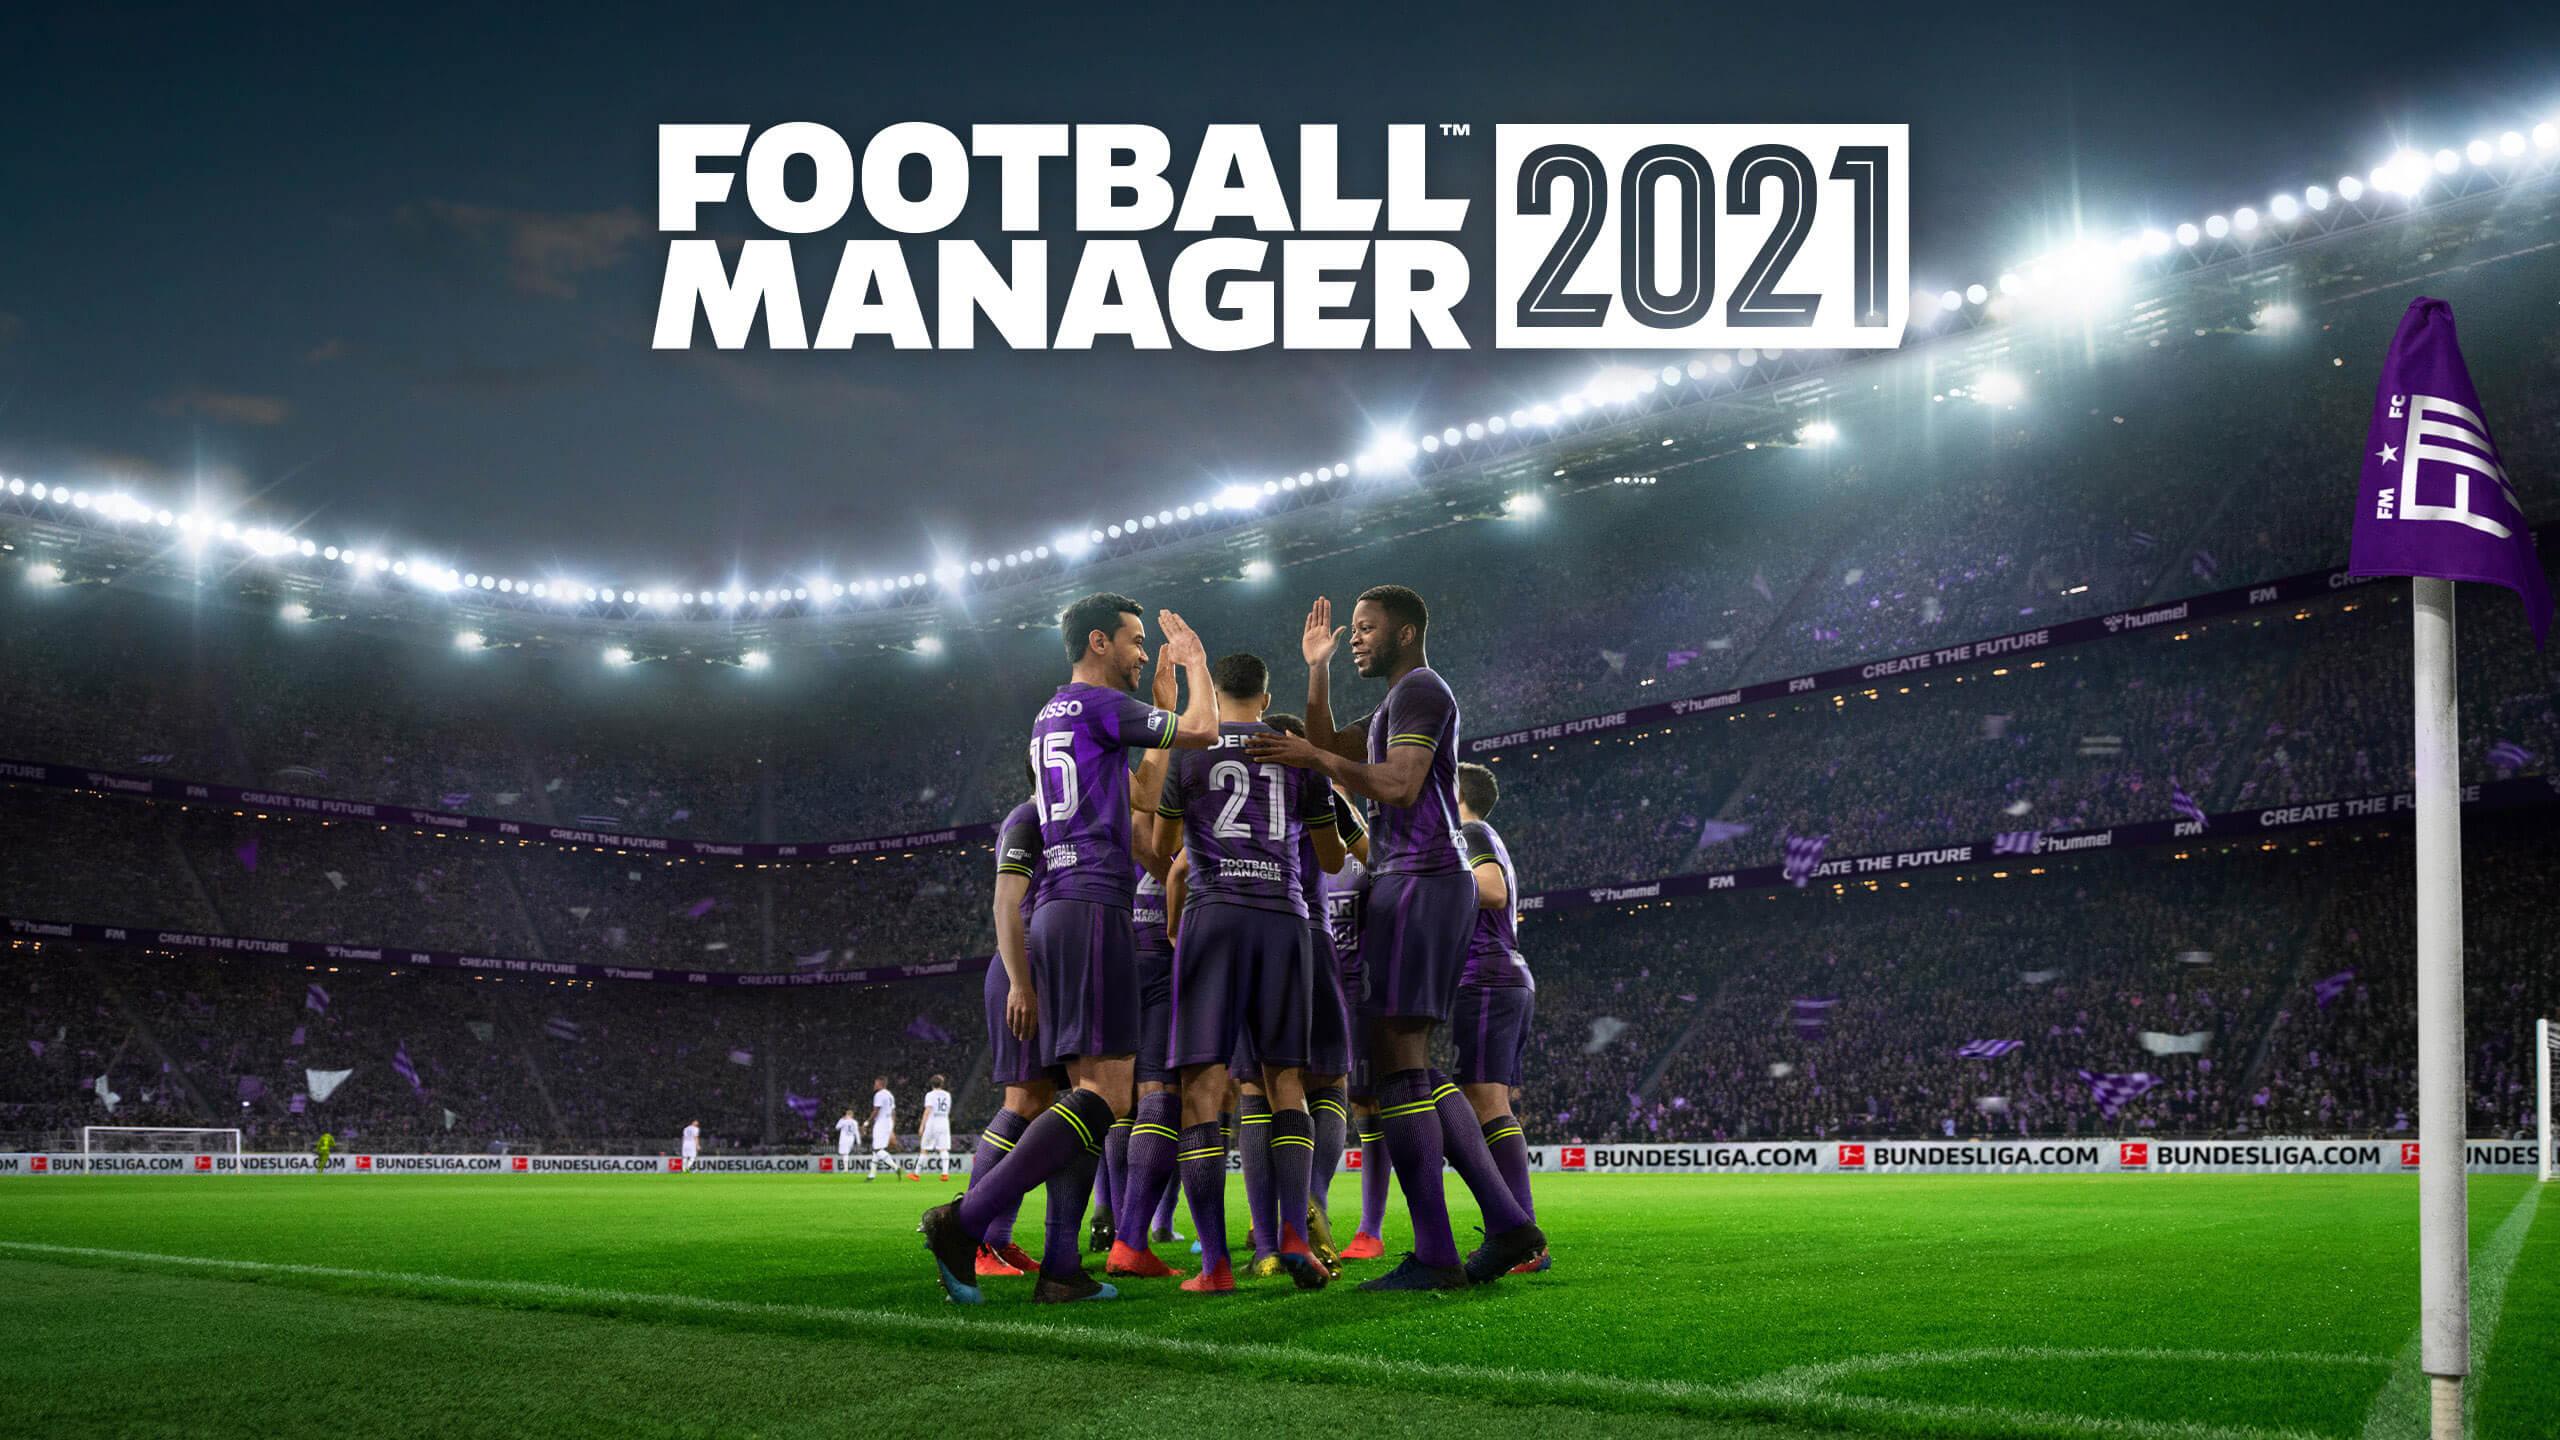 Football Manager 2021 çıkış tarihi ve fiyatı